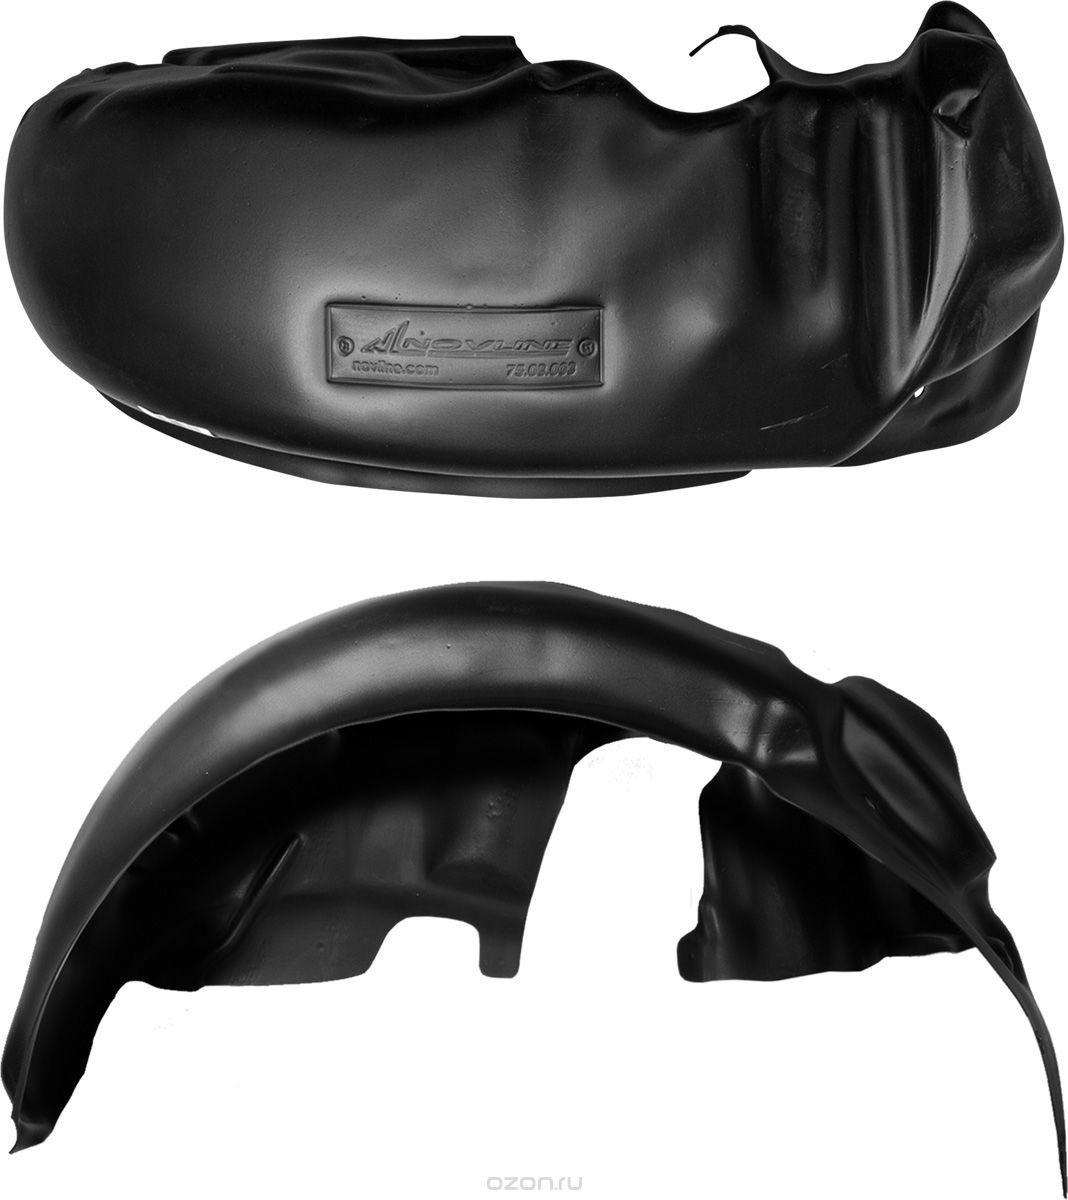 Подкрылок Novline-Autofamily, для Mazda CX-9, 2007-2012, 2012->, передний левыйNLL.33.16.001Идеальная защита колесной ниши. Локеры разработаны с применением цифровых технологий, гарантируют максимальную повторяемость поверхности арки. Изделия устанавливаются без нарушения лакокрасочного покрытия автомобиля, каждый подкрылок комплектуется крепежом. Уважаемые клиенты, обращаем ваше внимание, что фотографии на подкрылки универсальные и не отражают реальную форму изделия. При этом само изделие идет точно под размер указанного автомобиля.